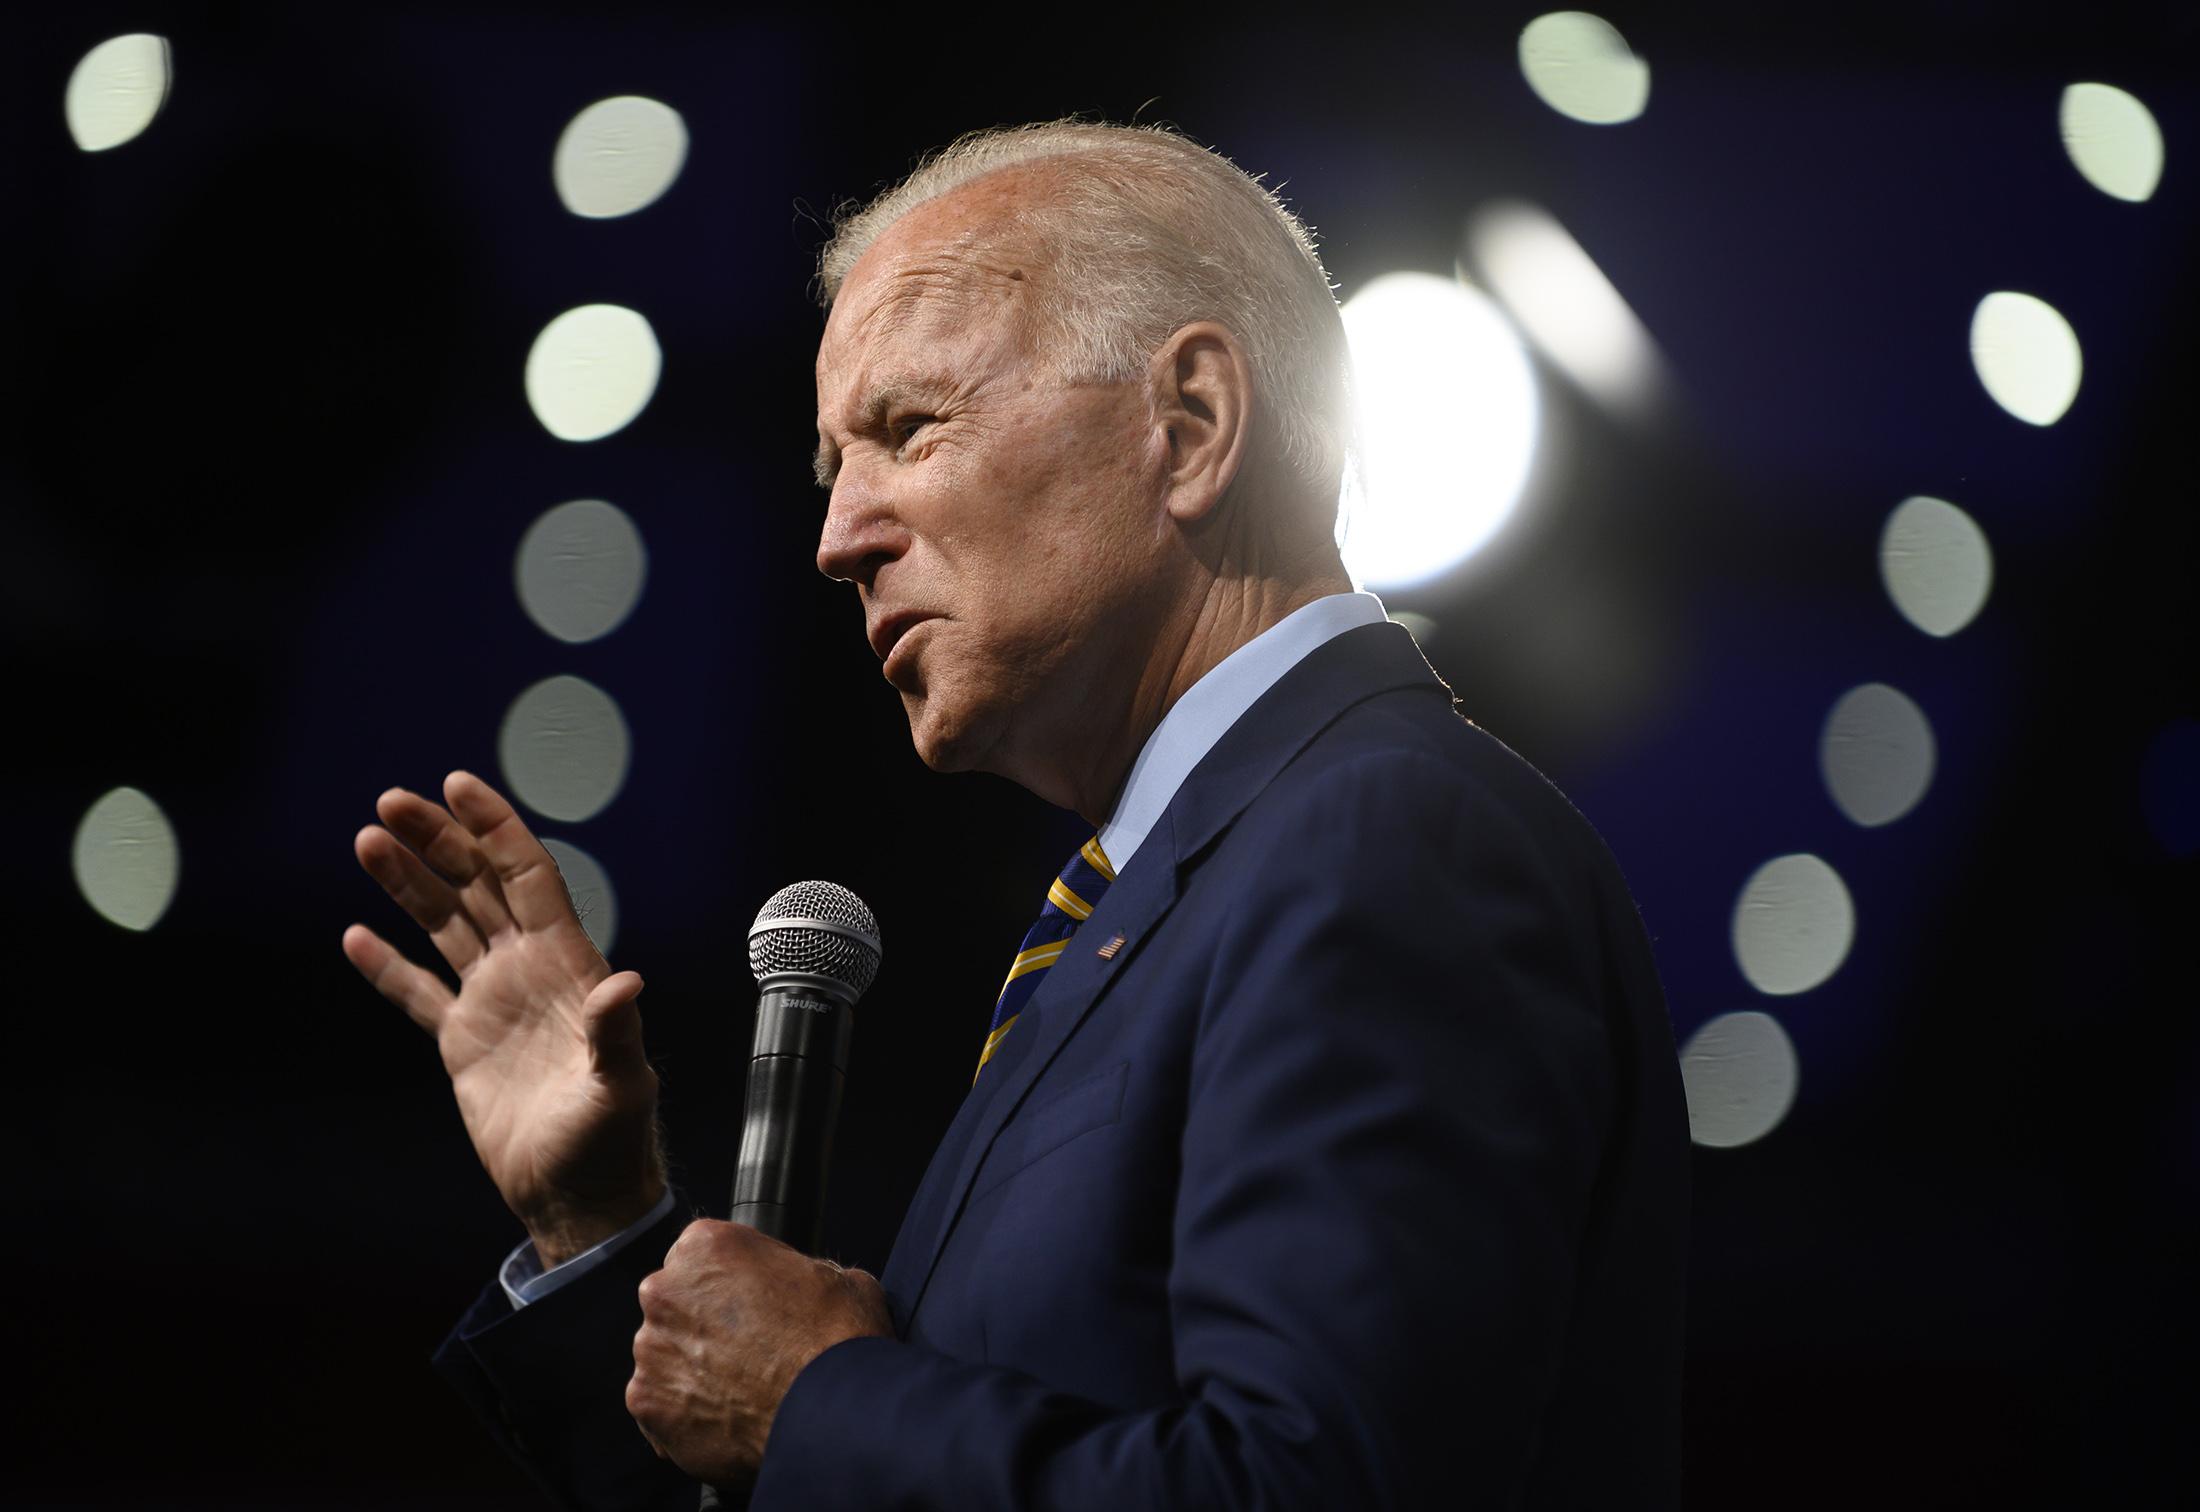 Biden Misdates 2018 Parkland Shooting in His Latest Blunder